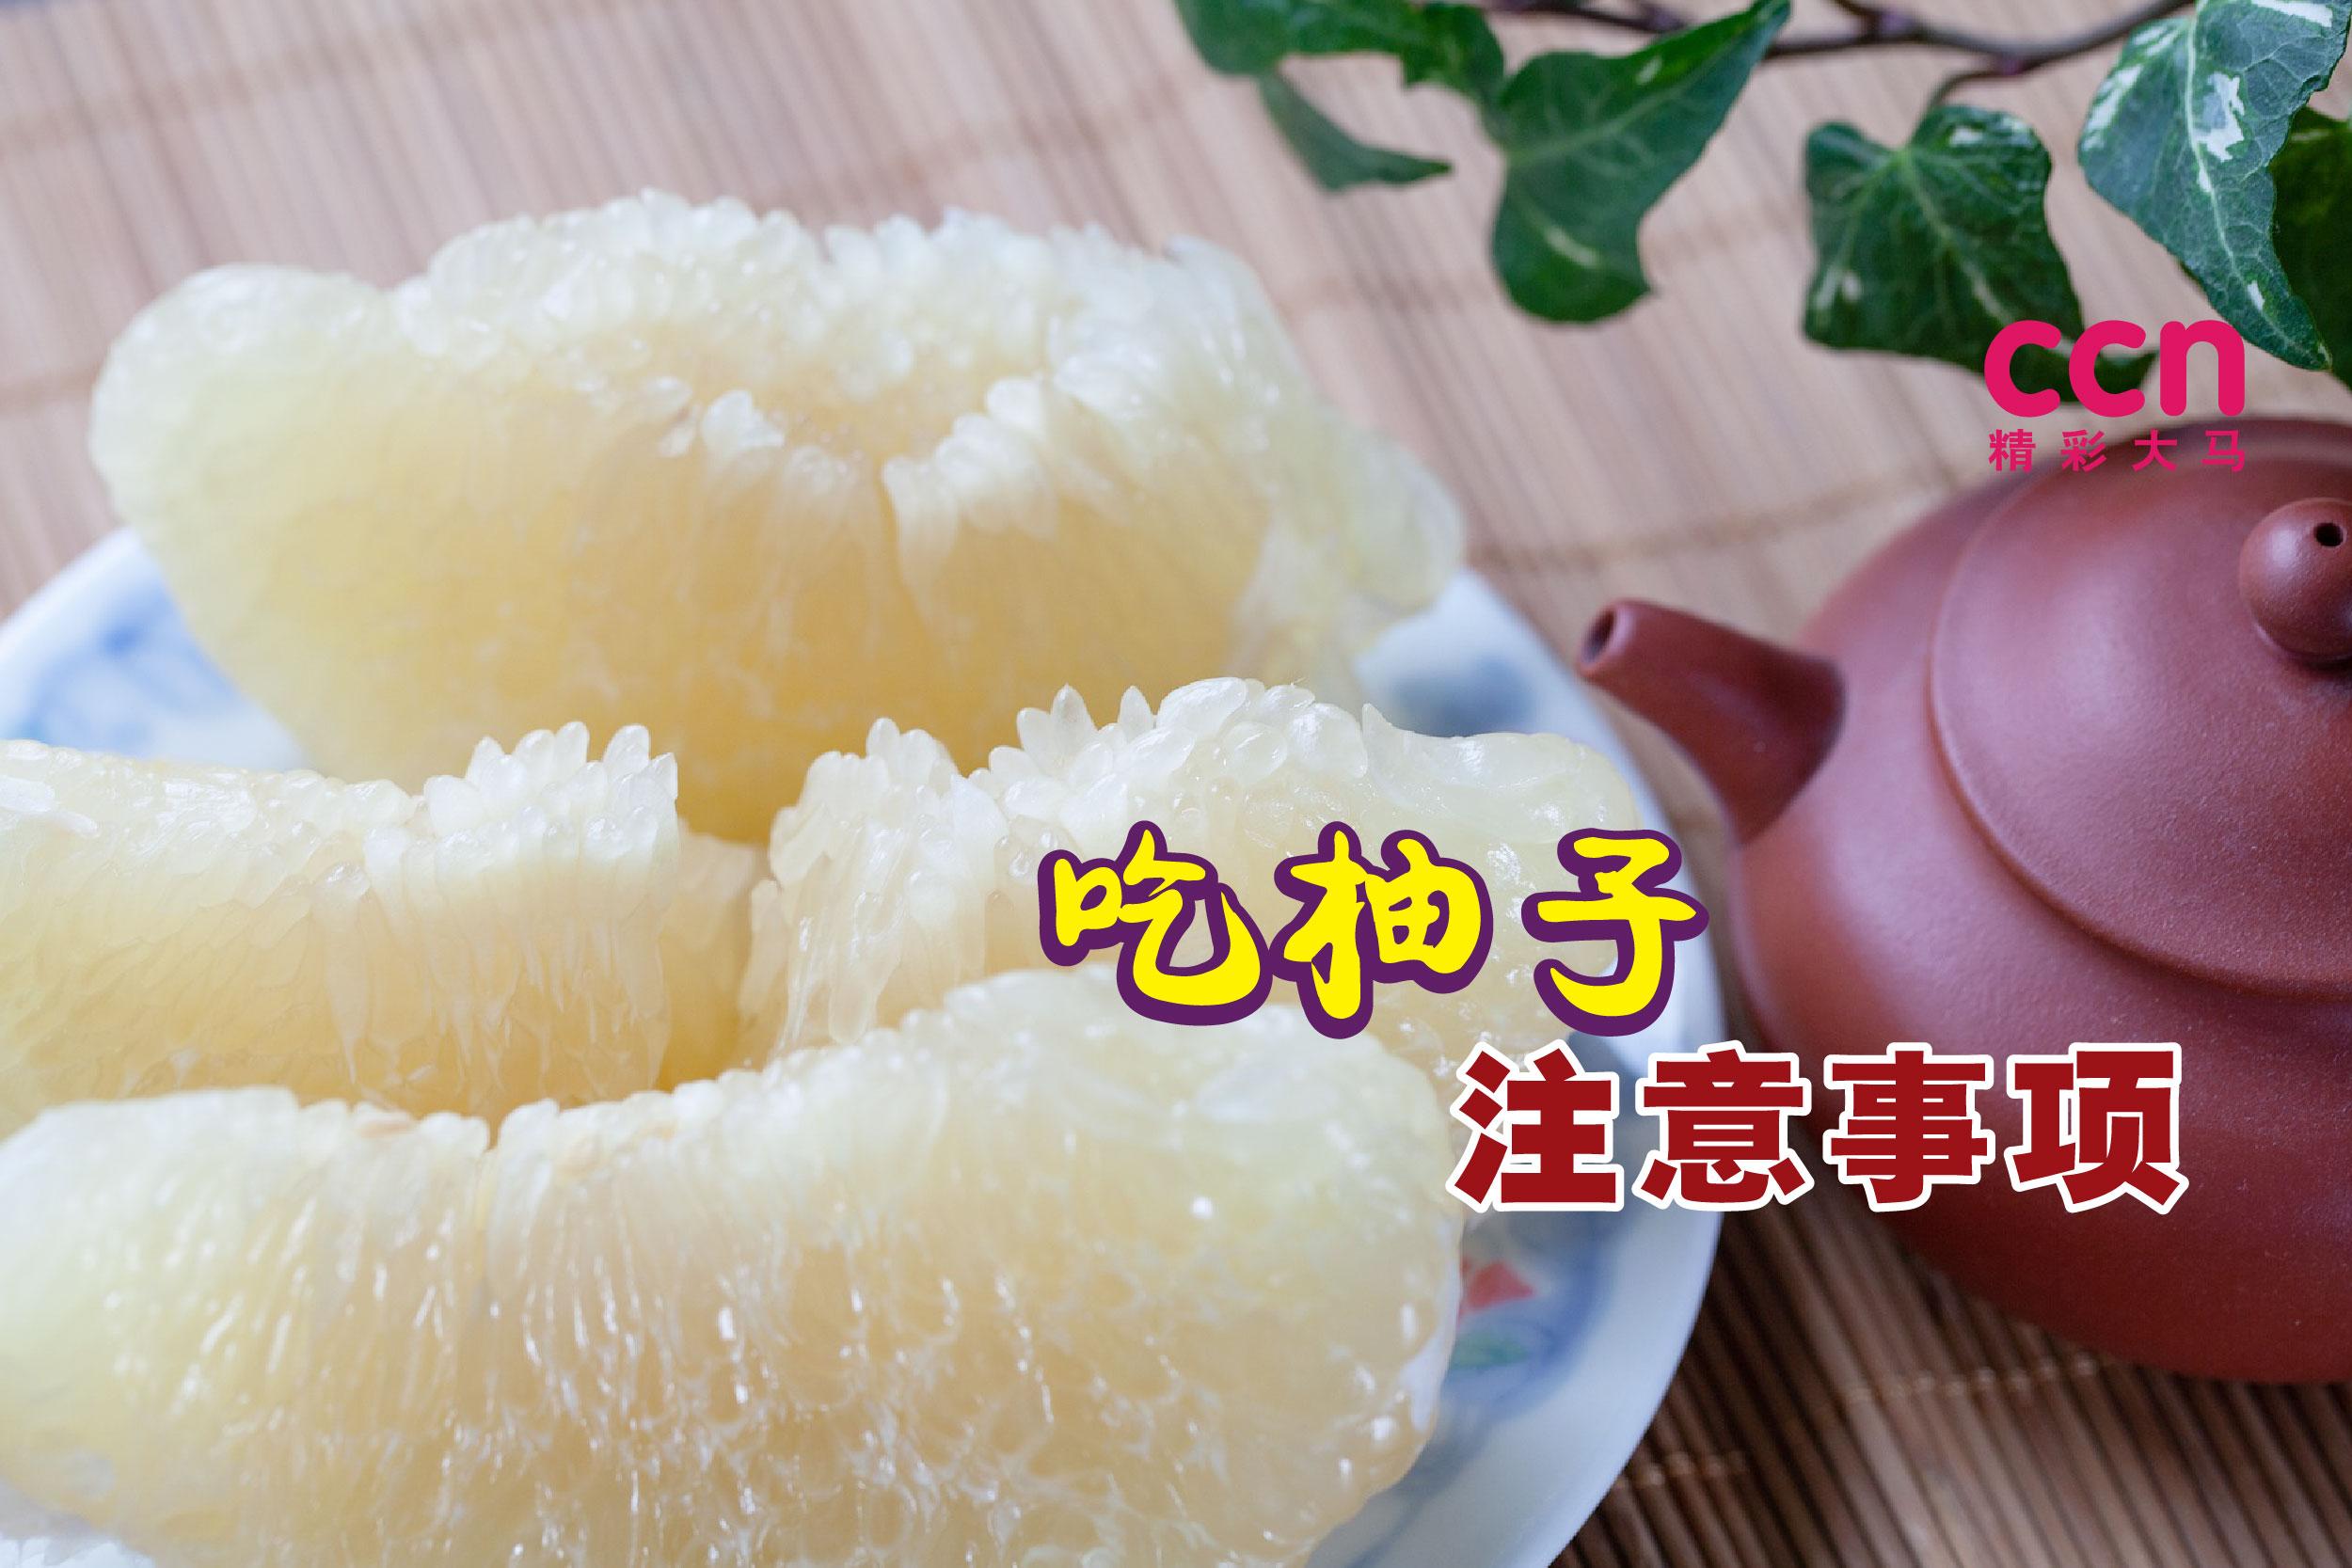 柚子的膳食纤维和水分都很丰富,可以给身体补充水分和改善便秘问题。-图取自Pixabay/精彩大马制图-